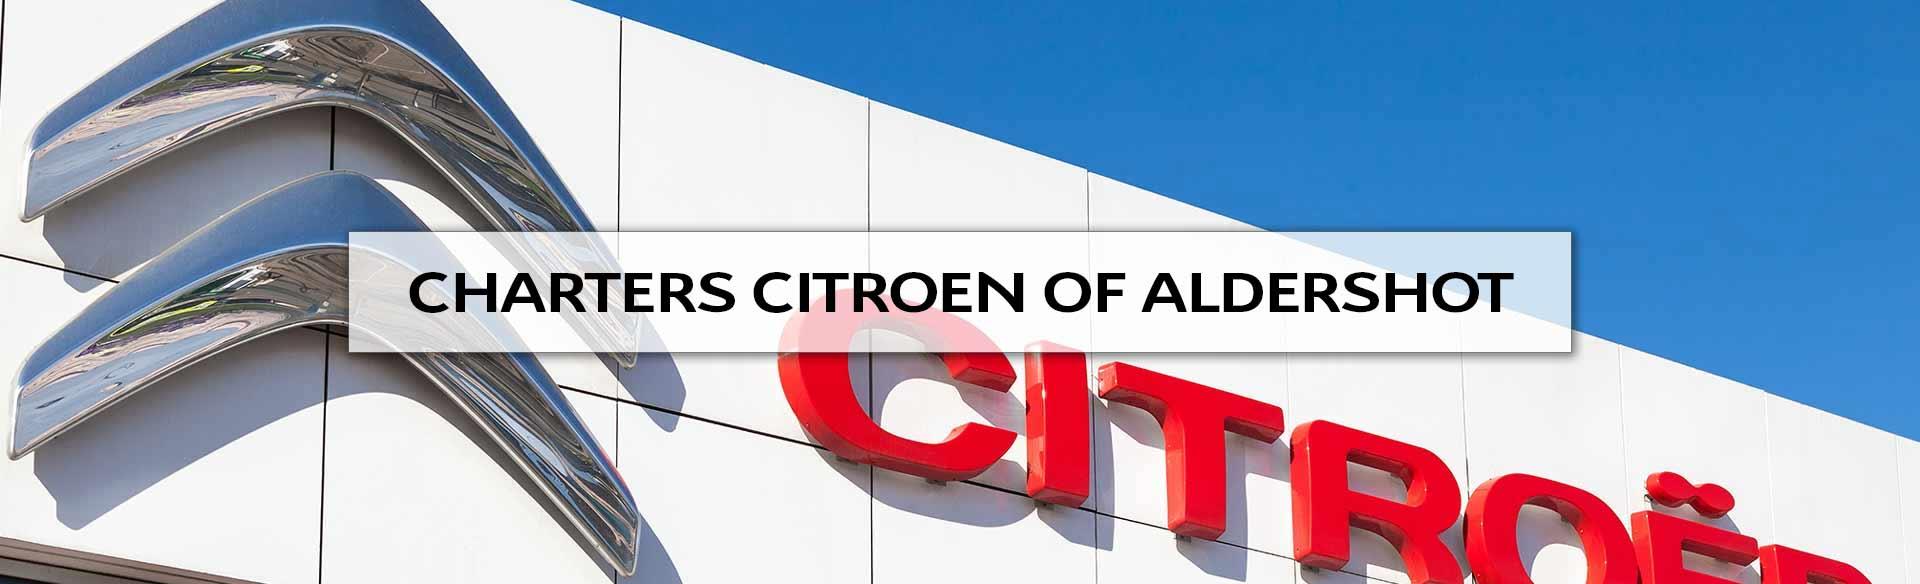 charters-citroen-aldershot-showroom-sli